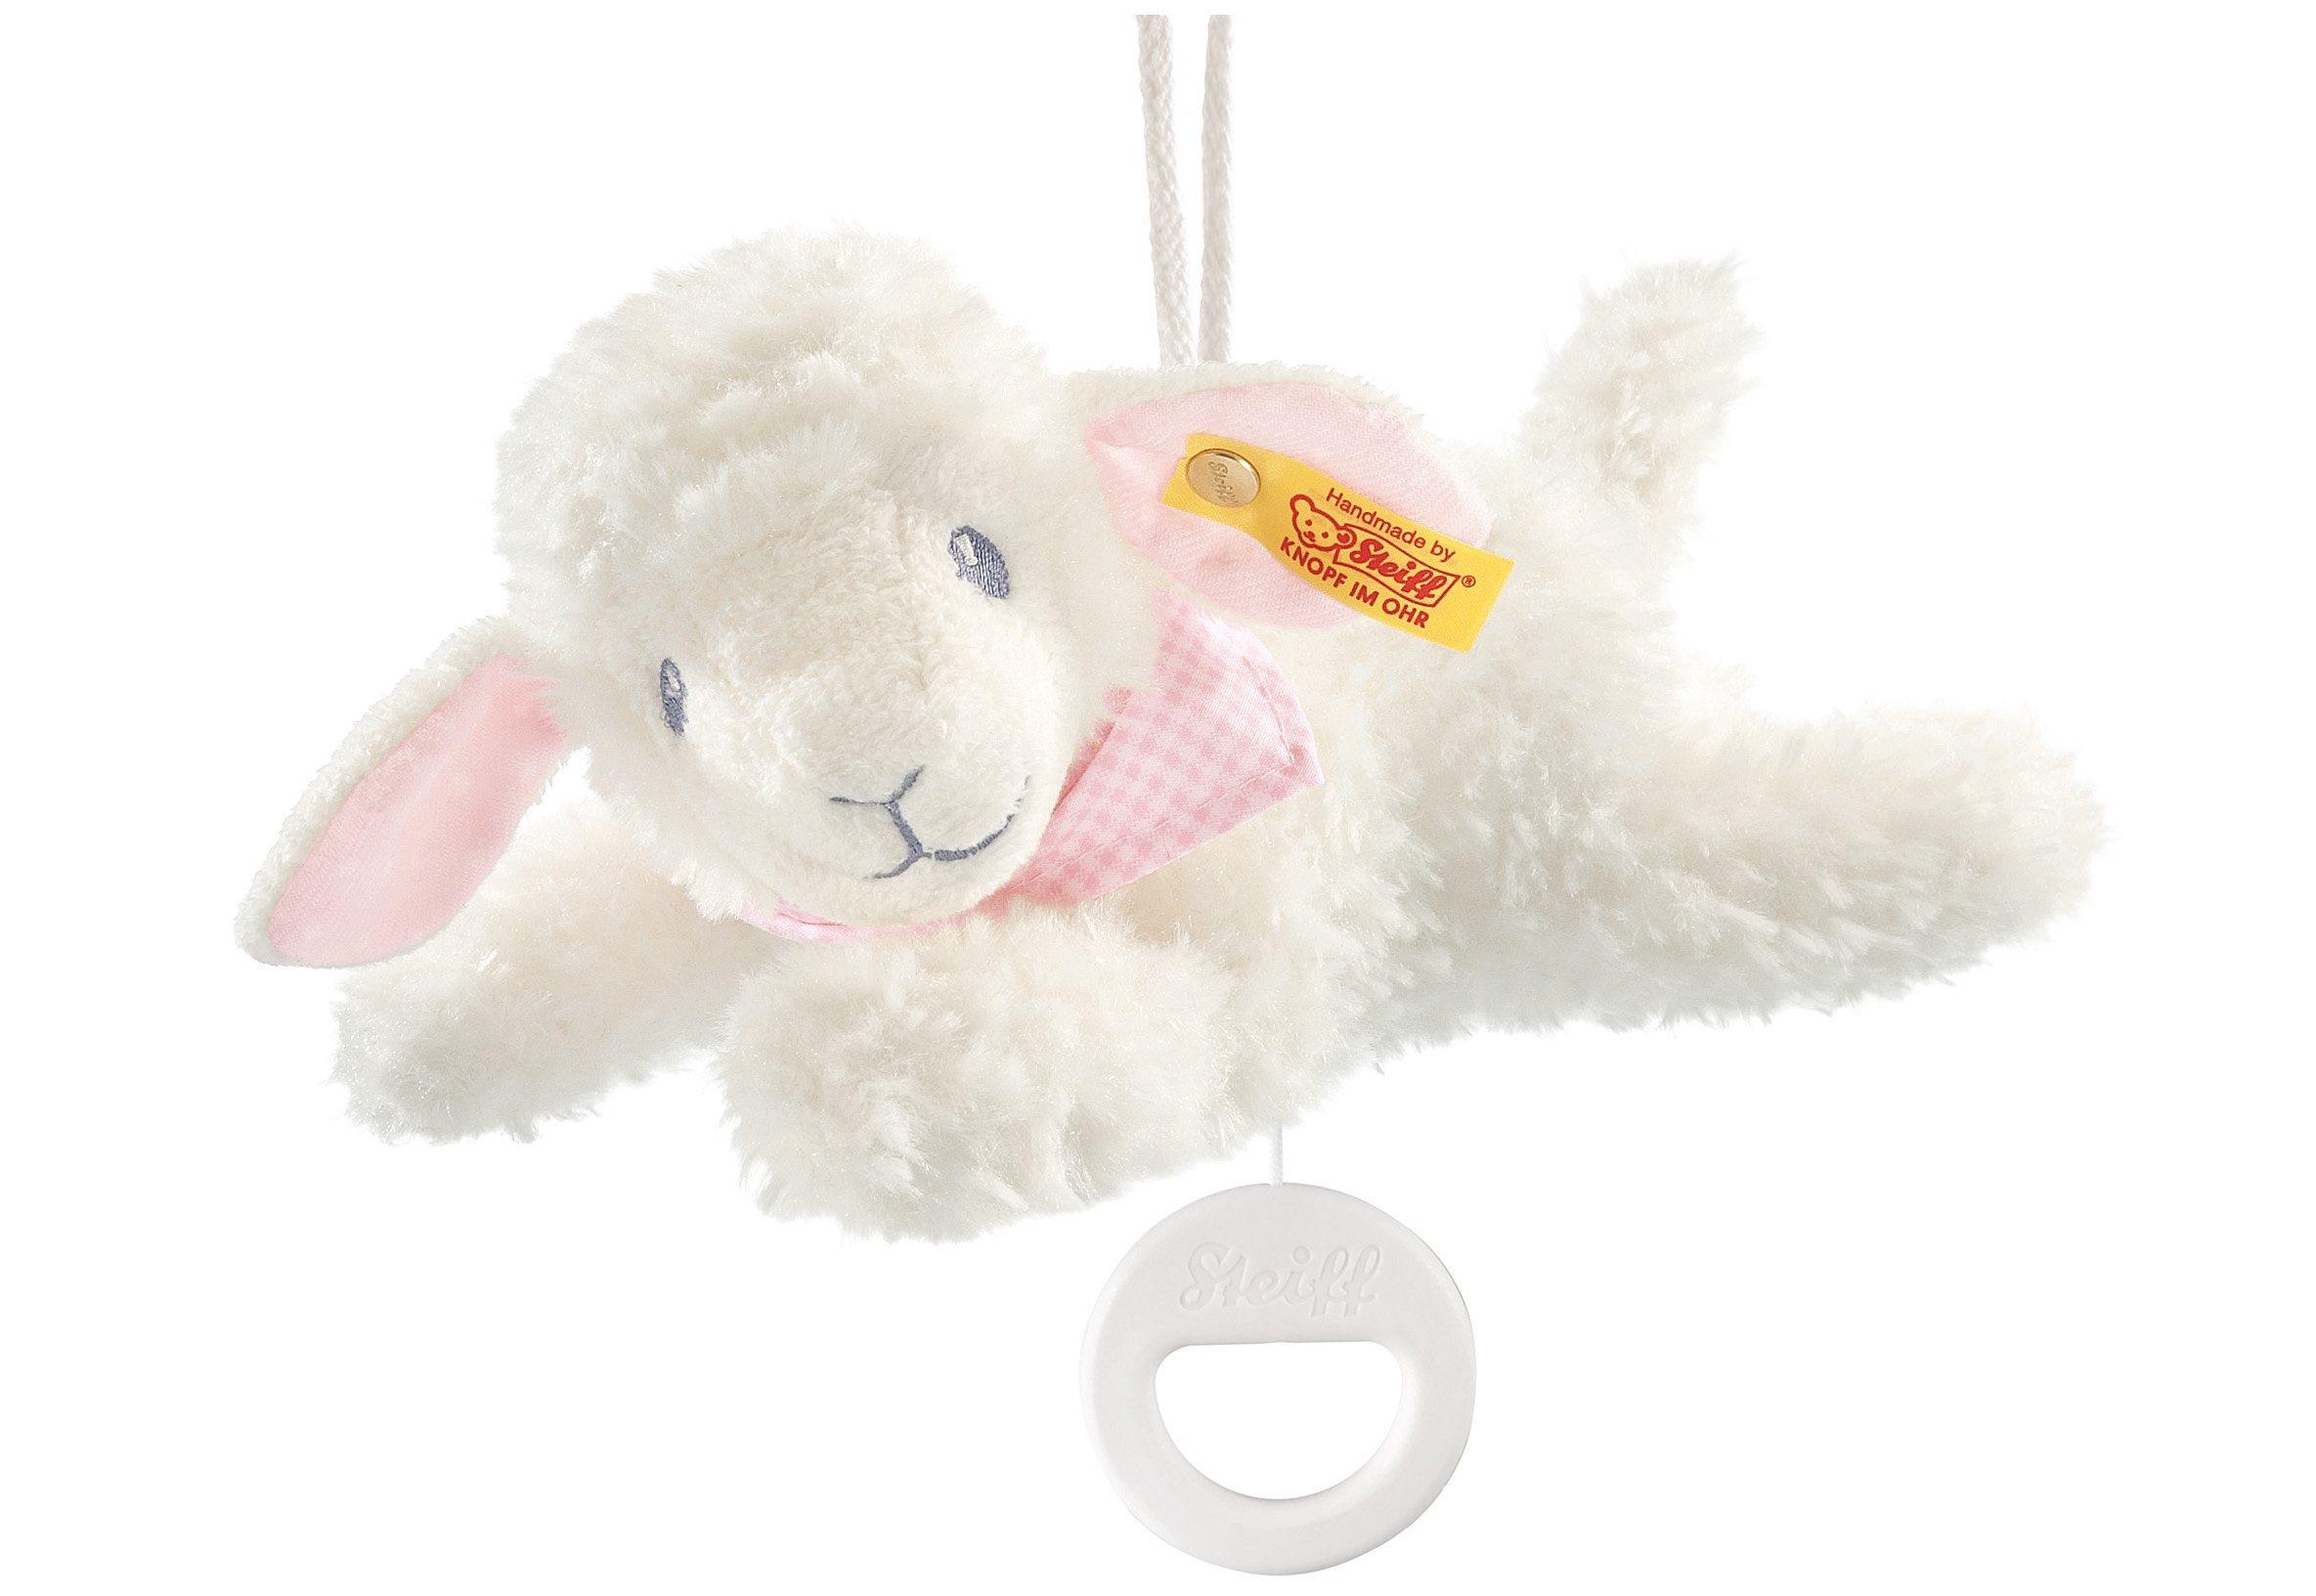 Steiff Träum SÜß Lamm Spieluhr 25cm 239649 Weiss Rosa Lämmchen Schaf